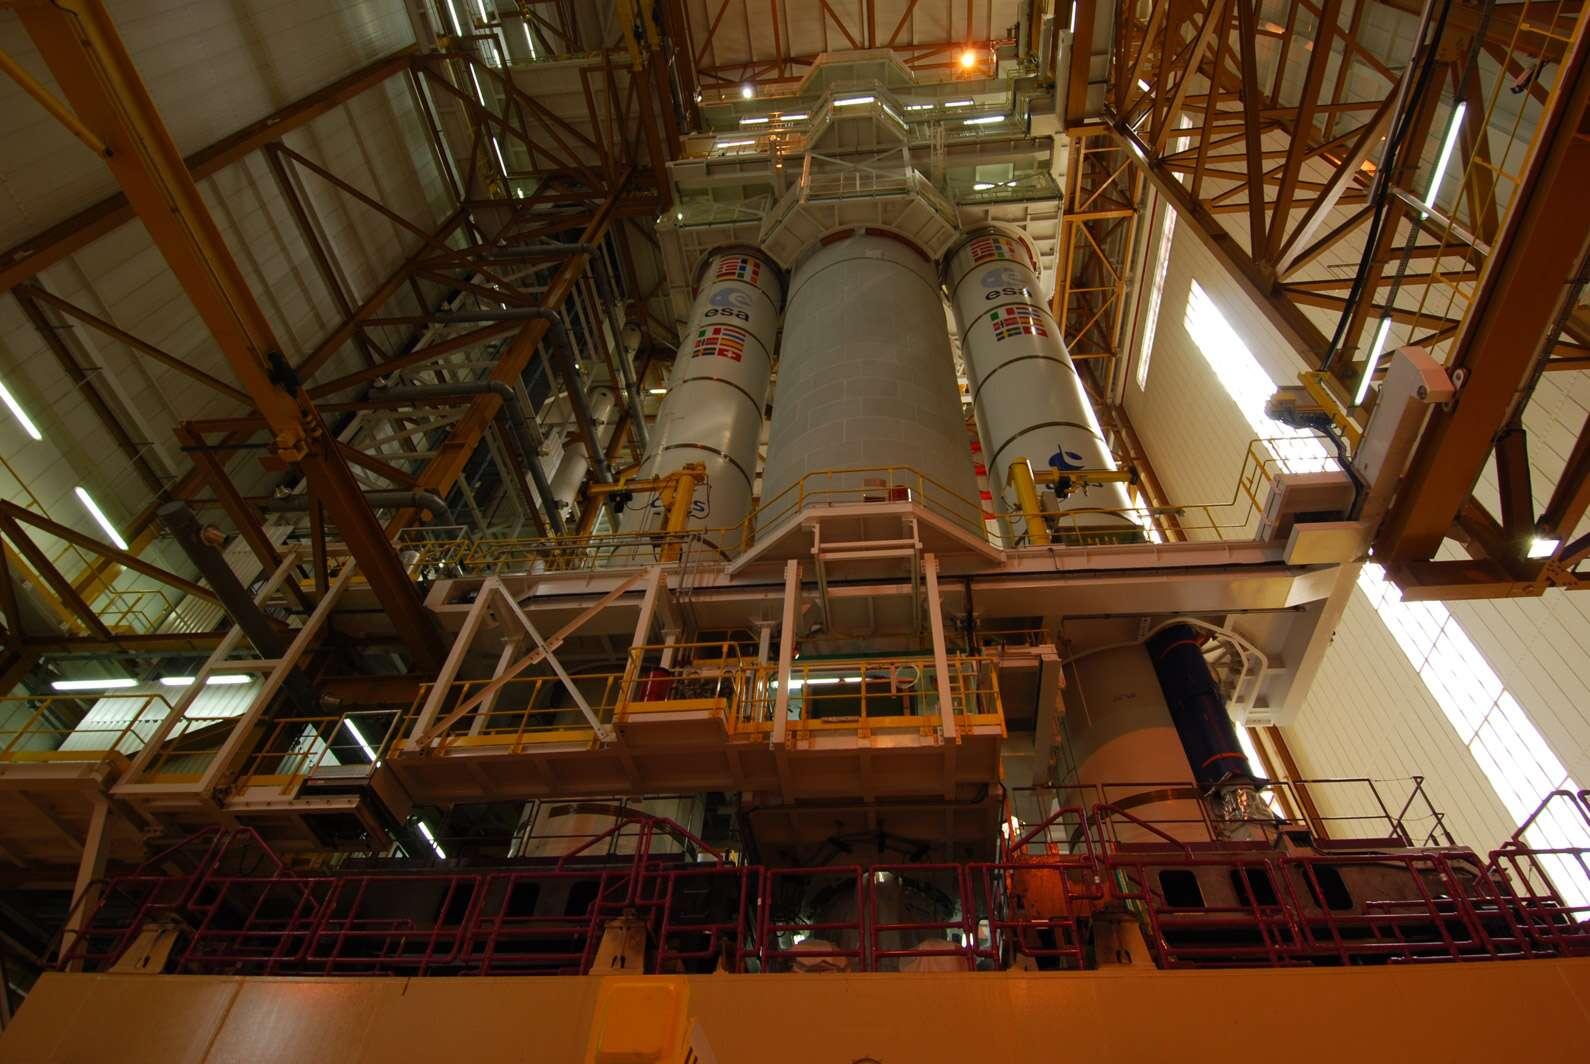 Après un lanceur Vega, une Ariane 5 ES, Arianespace utilisera une Ariane 5 ECA pour sa troisième mission de l'année. Mission au cours de laquelle elle doit mettre sur une orbite de transfert géostationnaire deux satellites de télécommunications. © Remy Decourt